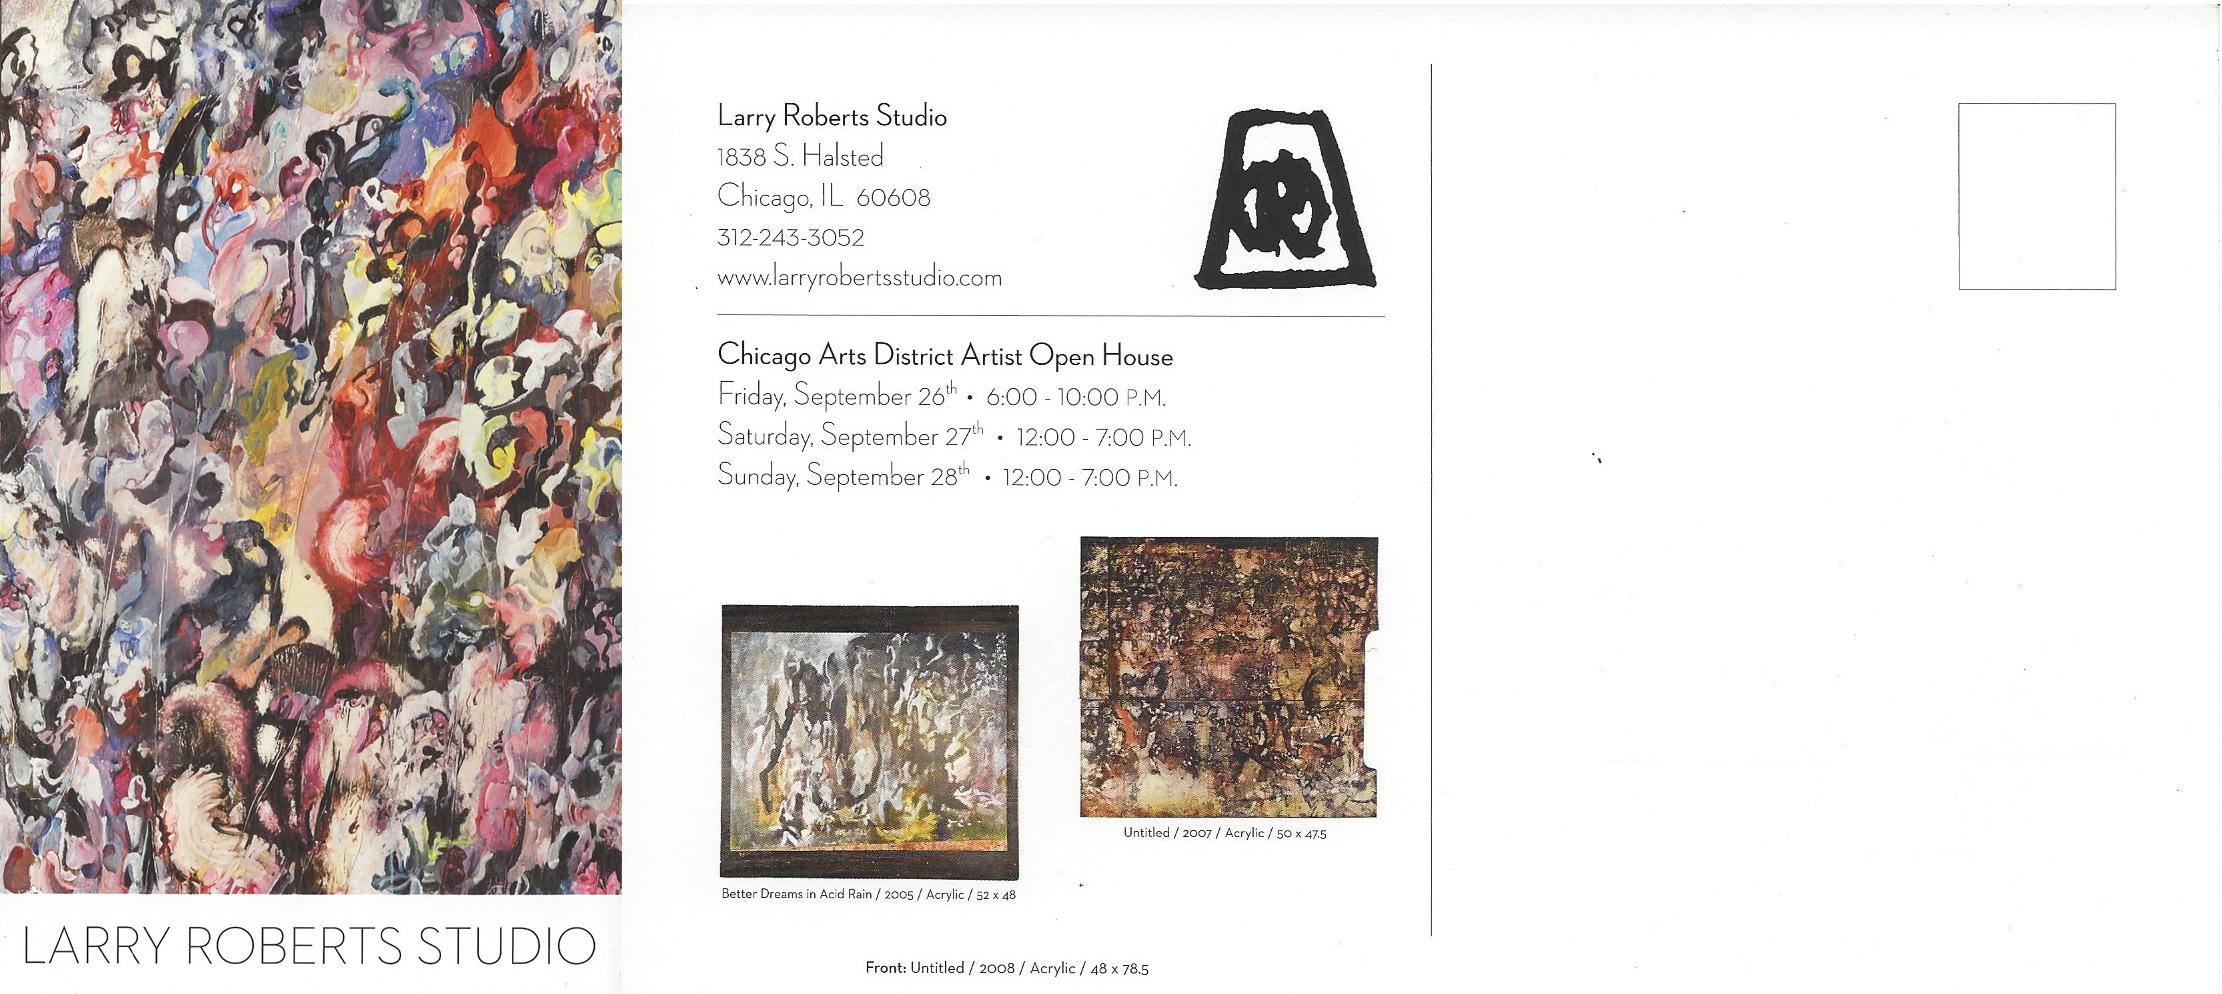 2009 LARRY ROBERTS STUDIO.jpg